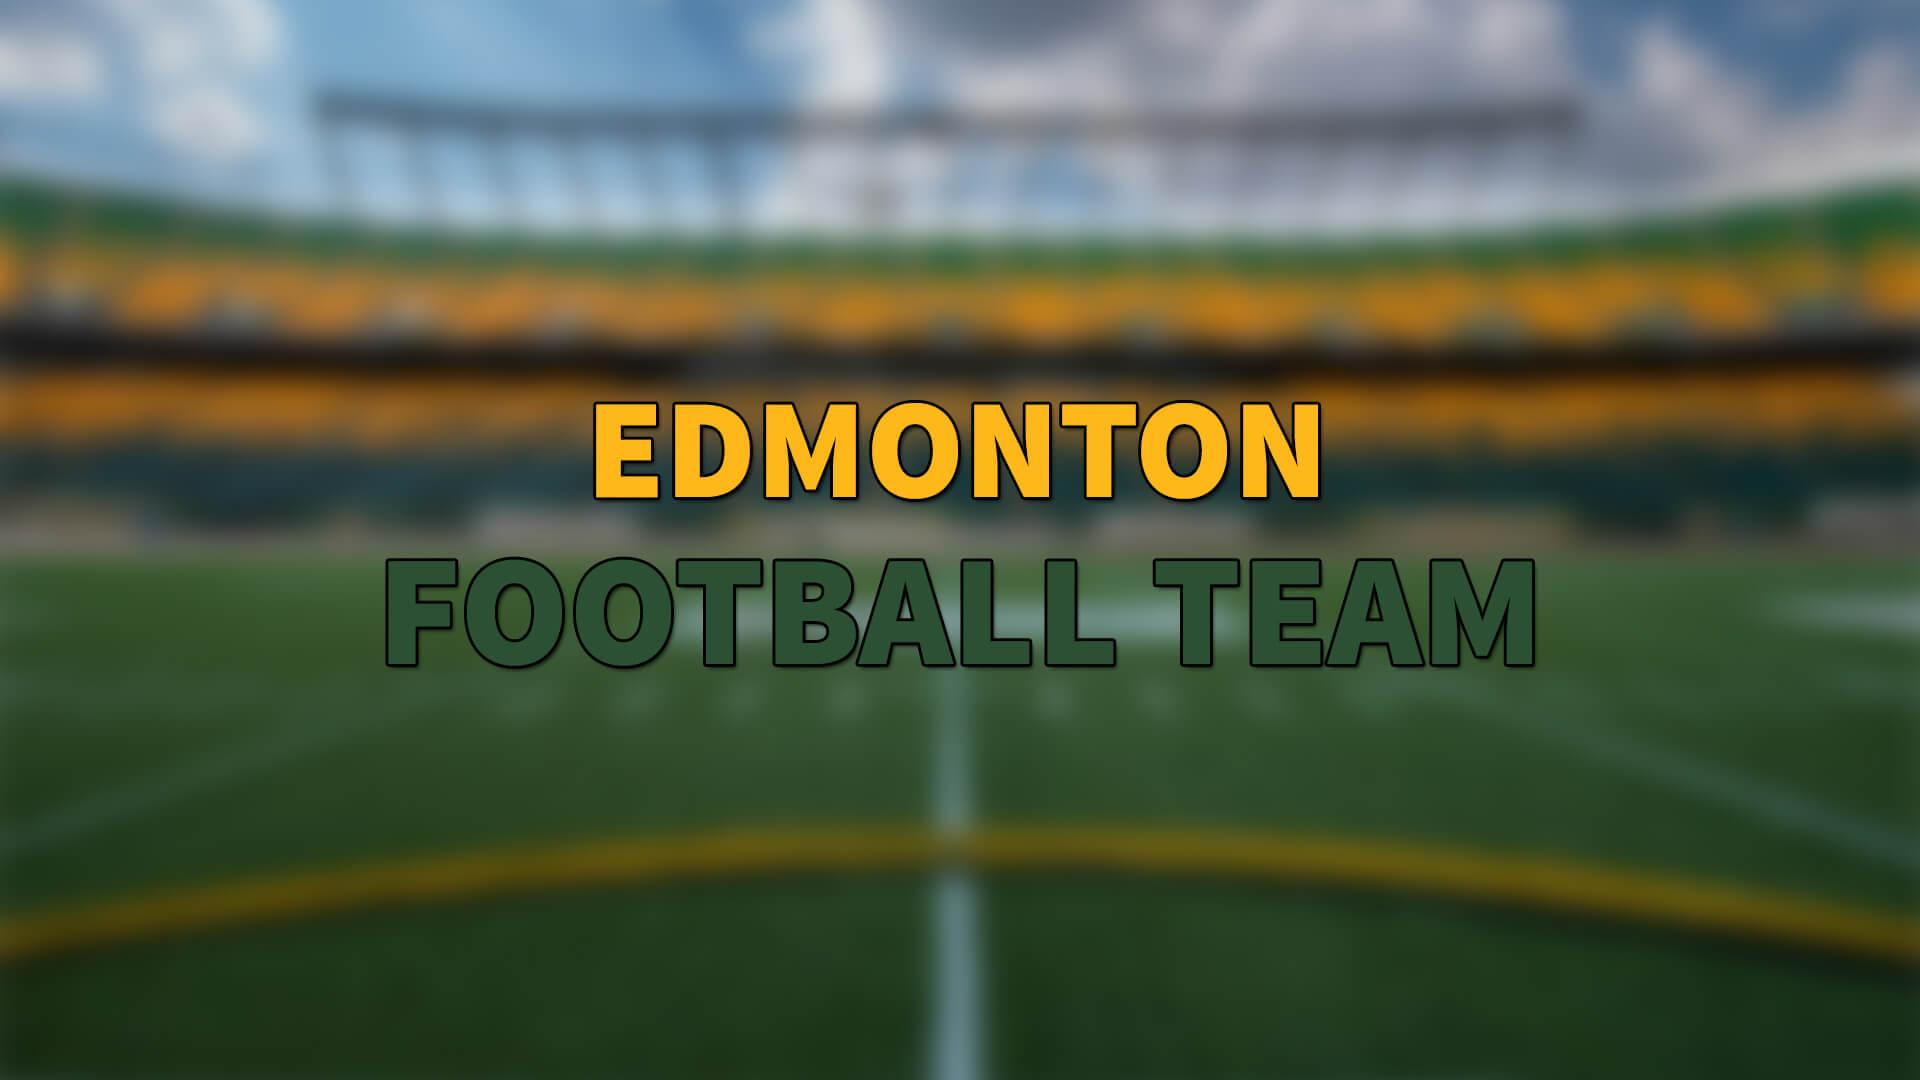 Kenny Shaw Tekrardan Edmonton Kadrosunda | Korumalı Futbol Türkiye